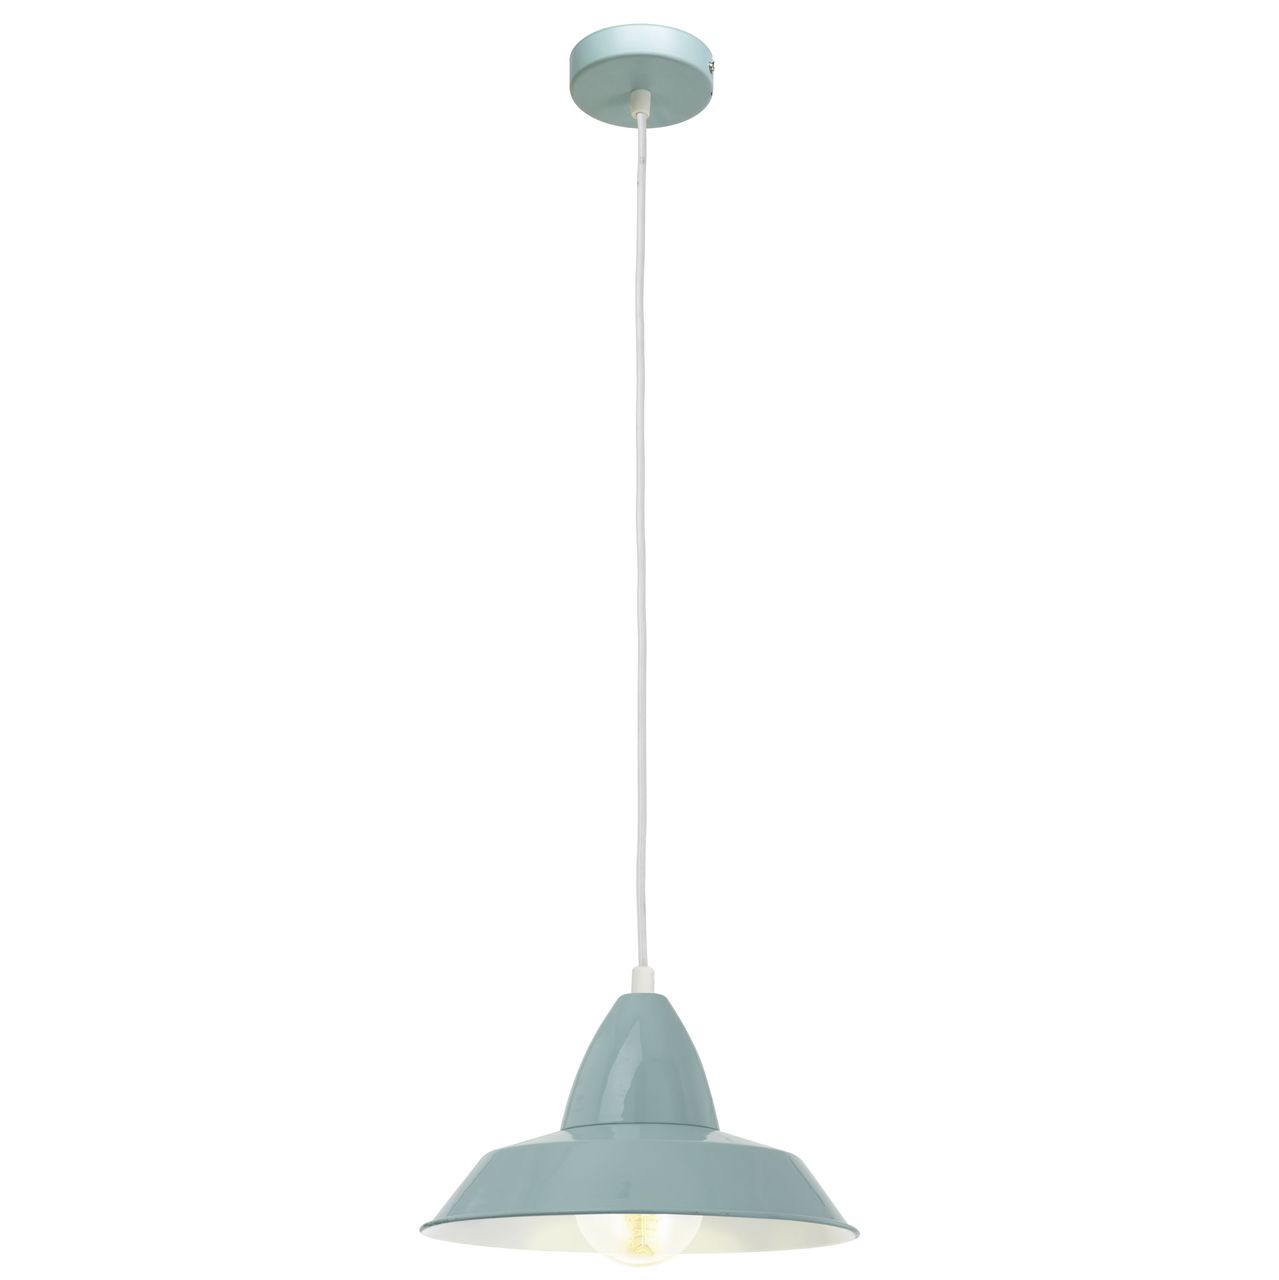 Подвесной светильник Eglo Vintage 49244 подвесной светильник eglo vintage 49224